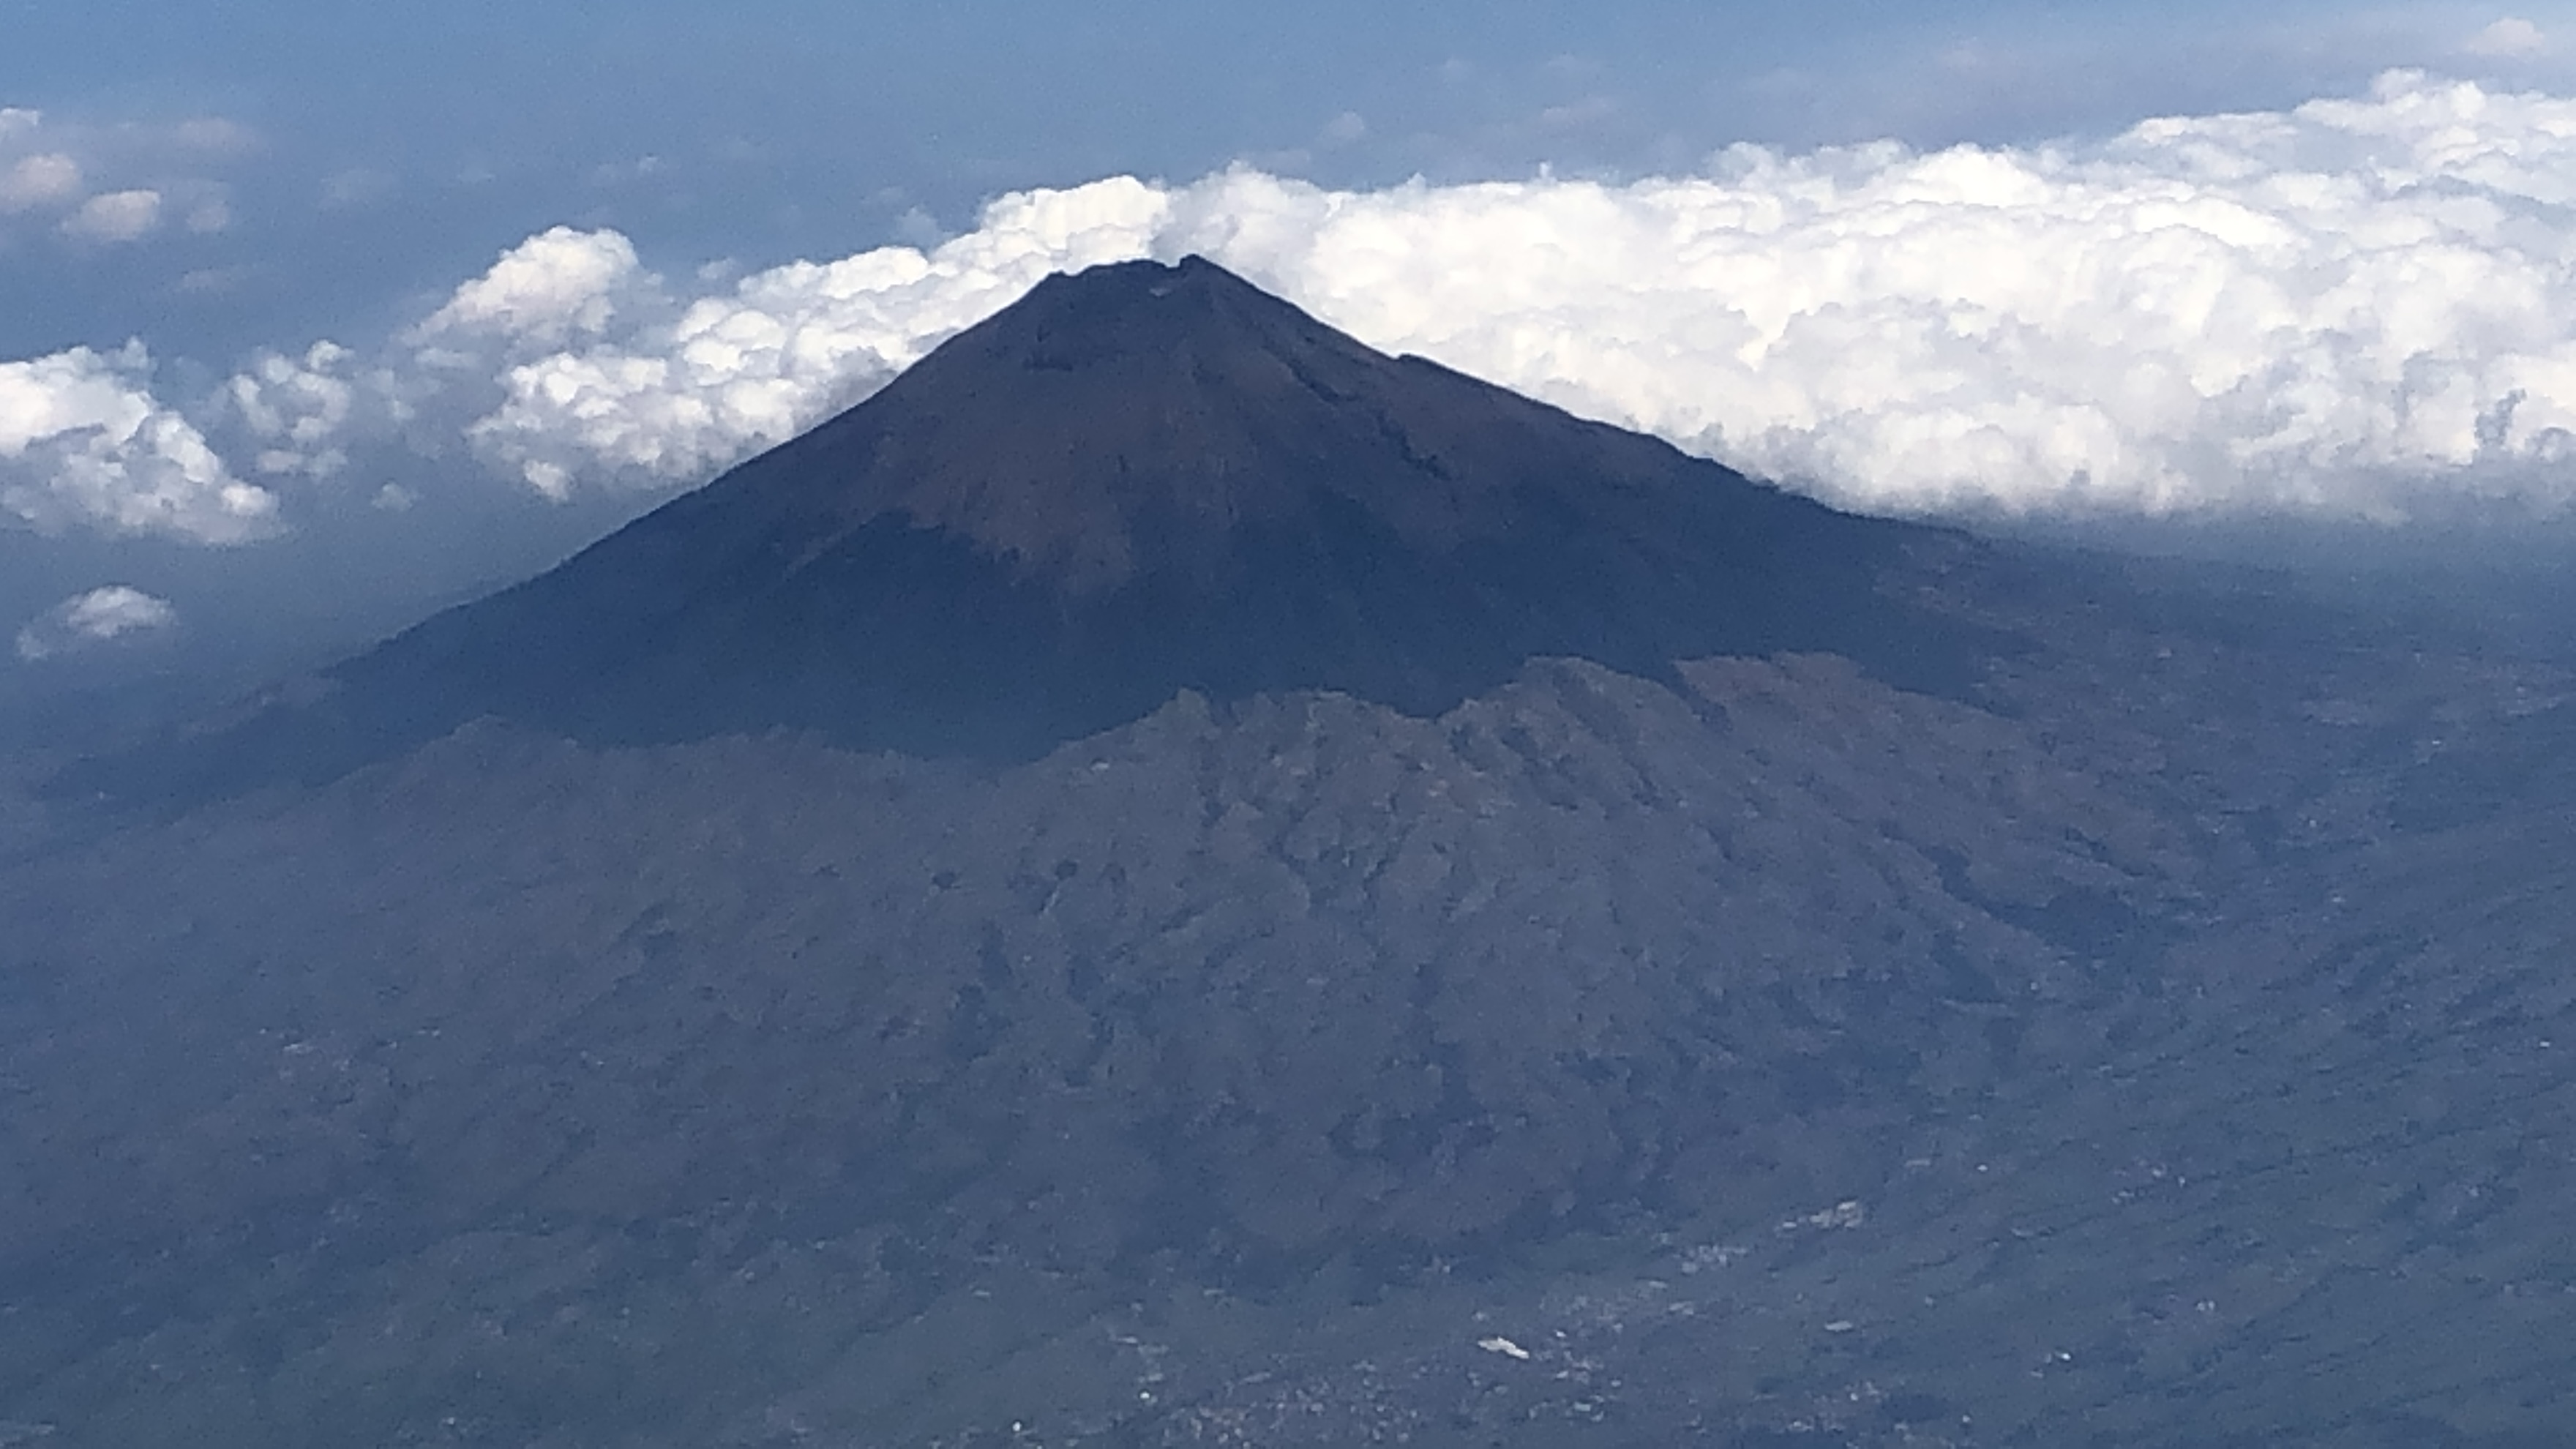 Gunung Sumbing Wikipedia Bahasa Indonesia Ensiklopedia Bebas